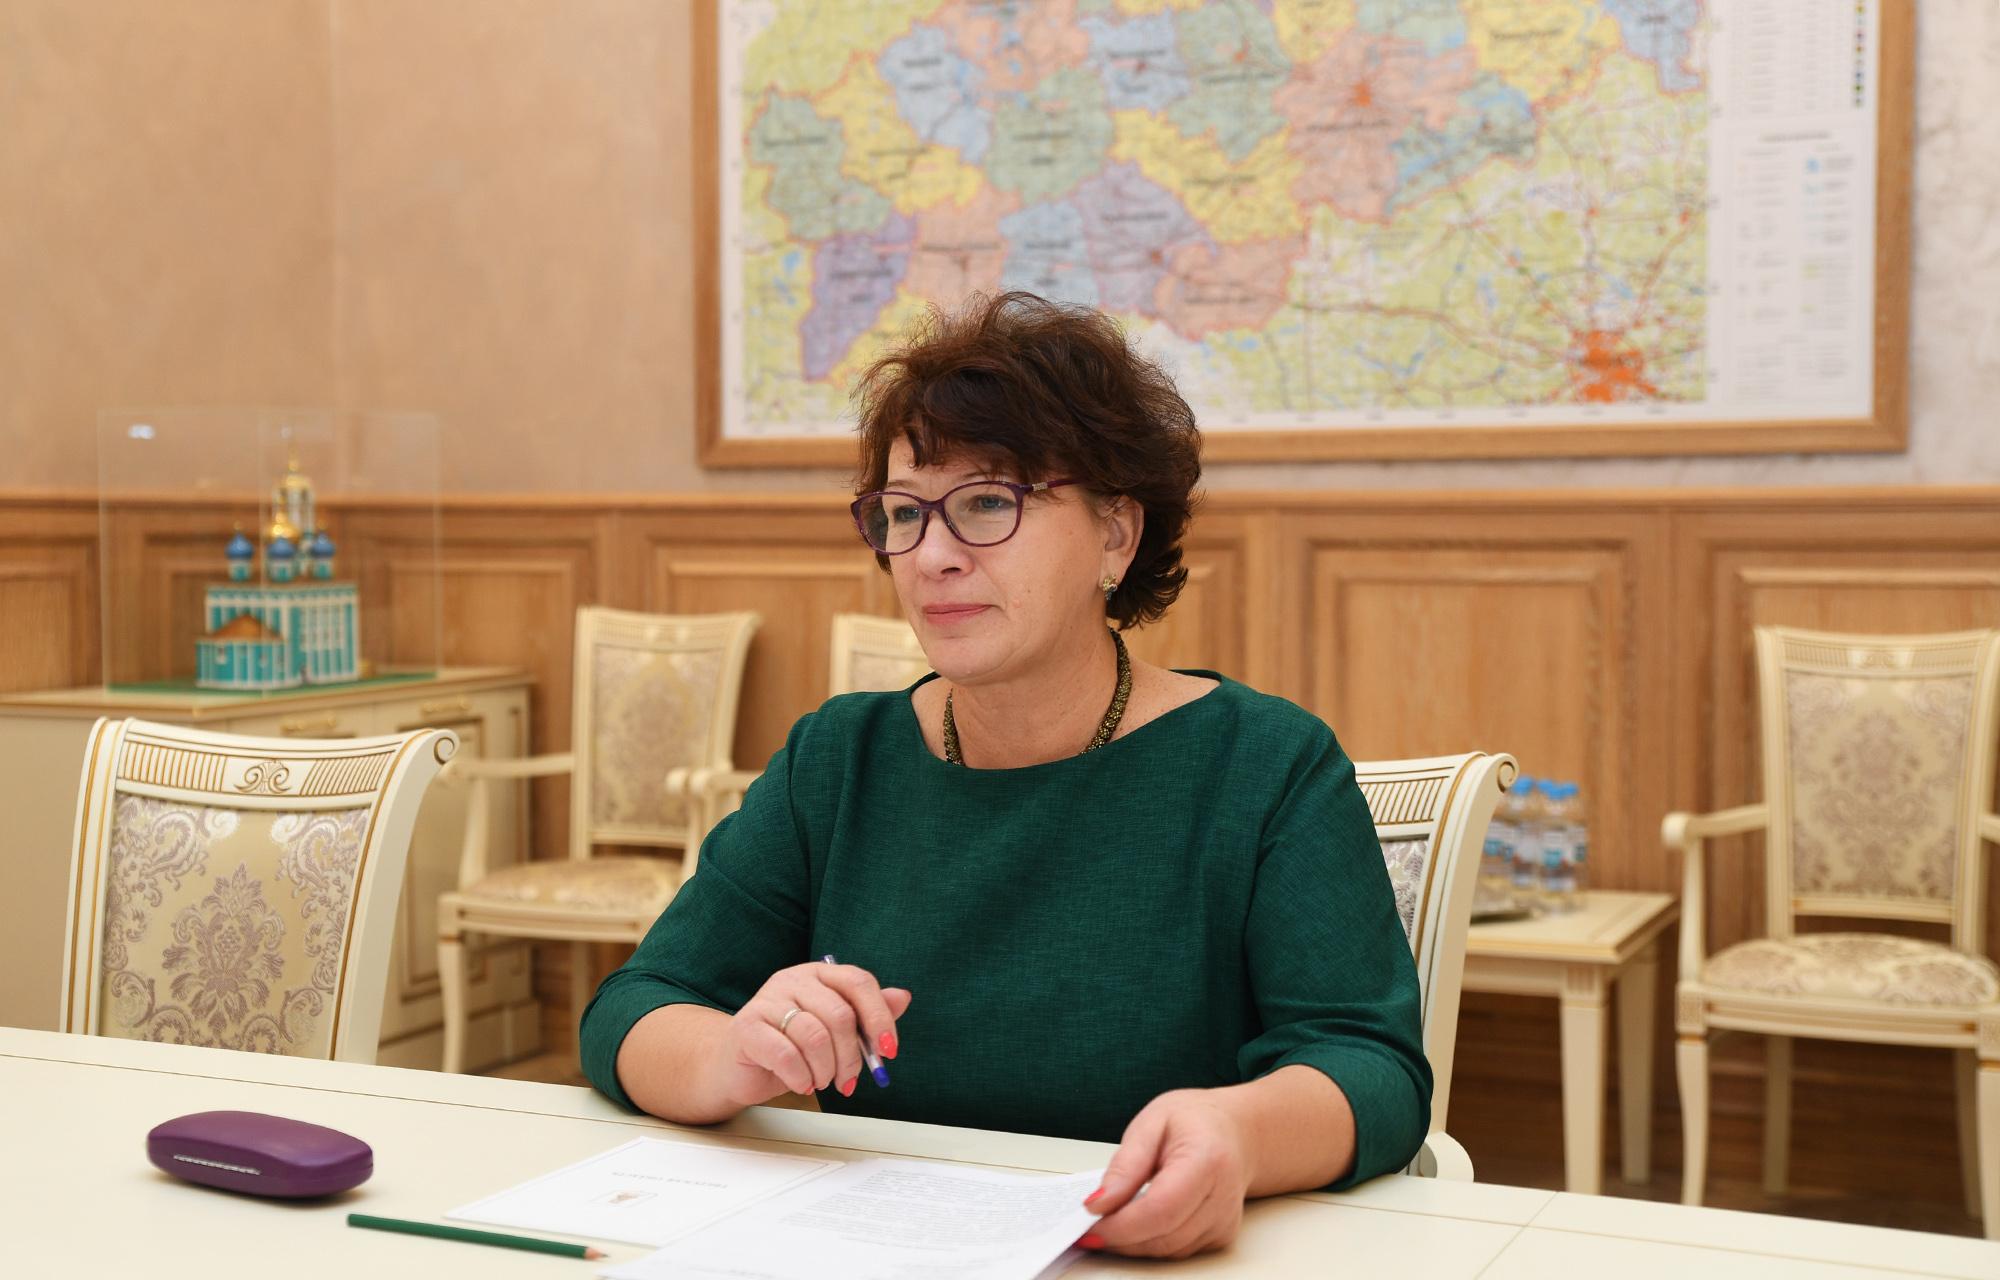 Наталья Рощина: Консолидация позволит вывести качество предоставляемых населению услуг на новый уровень